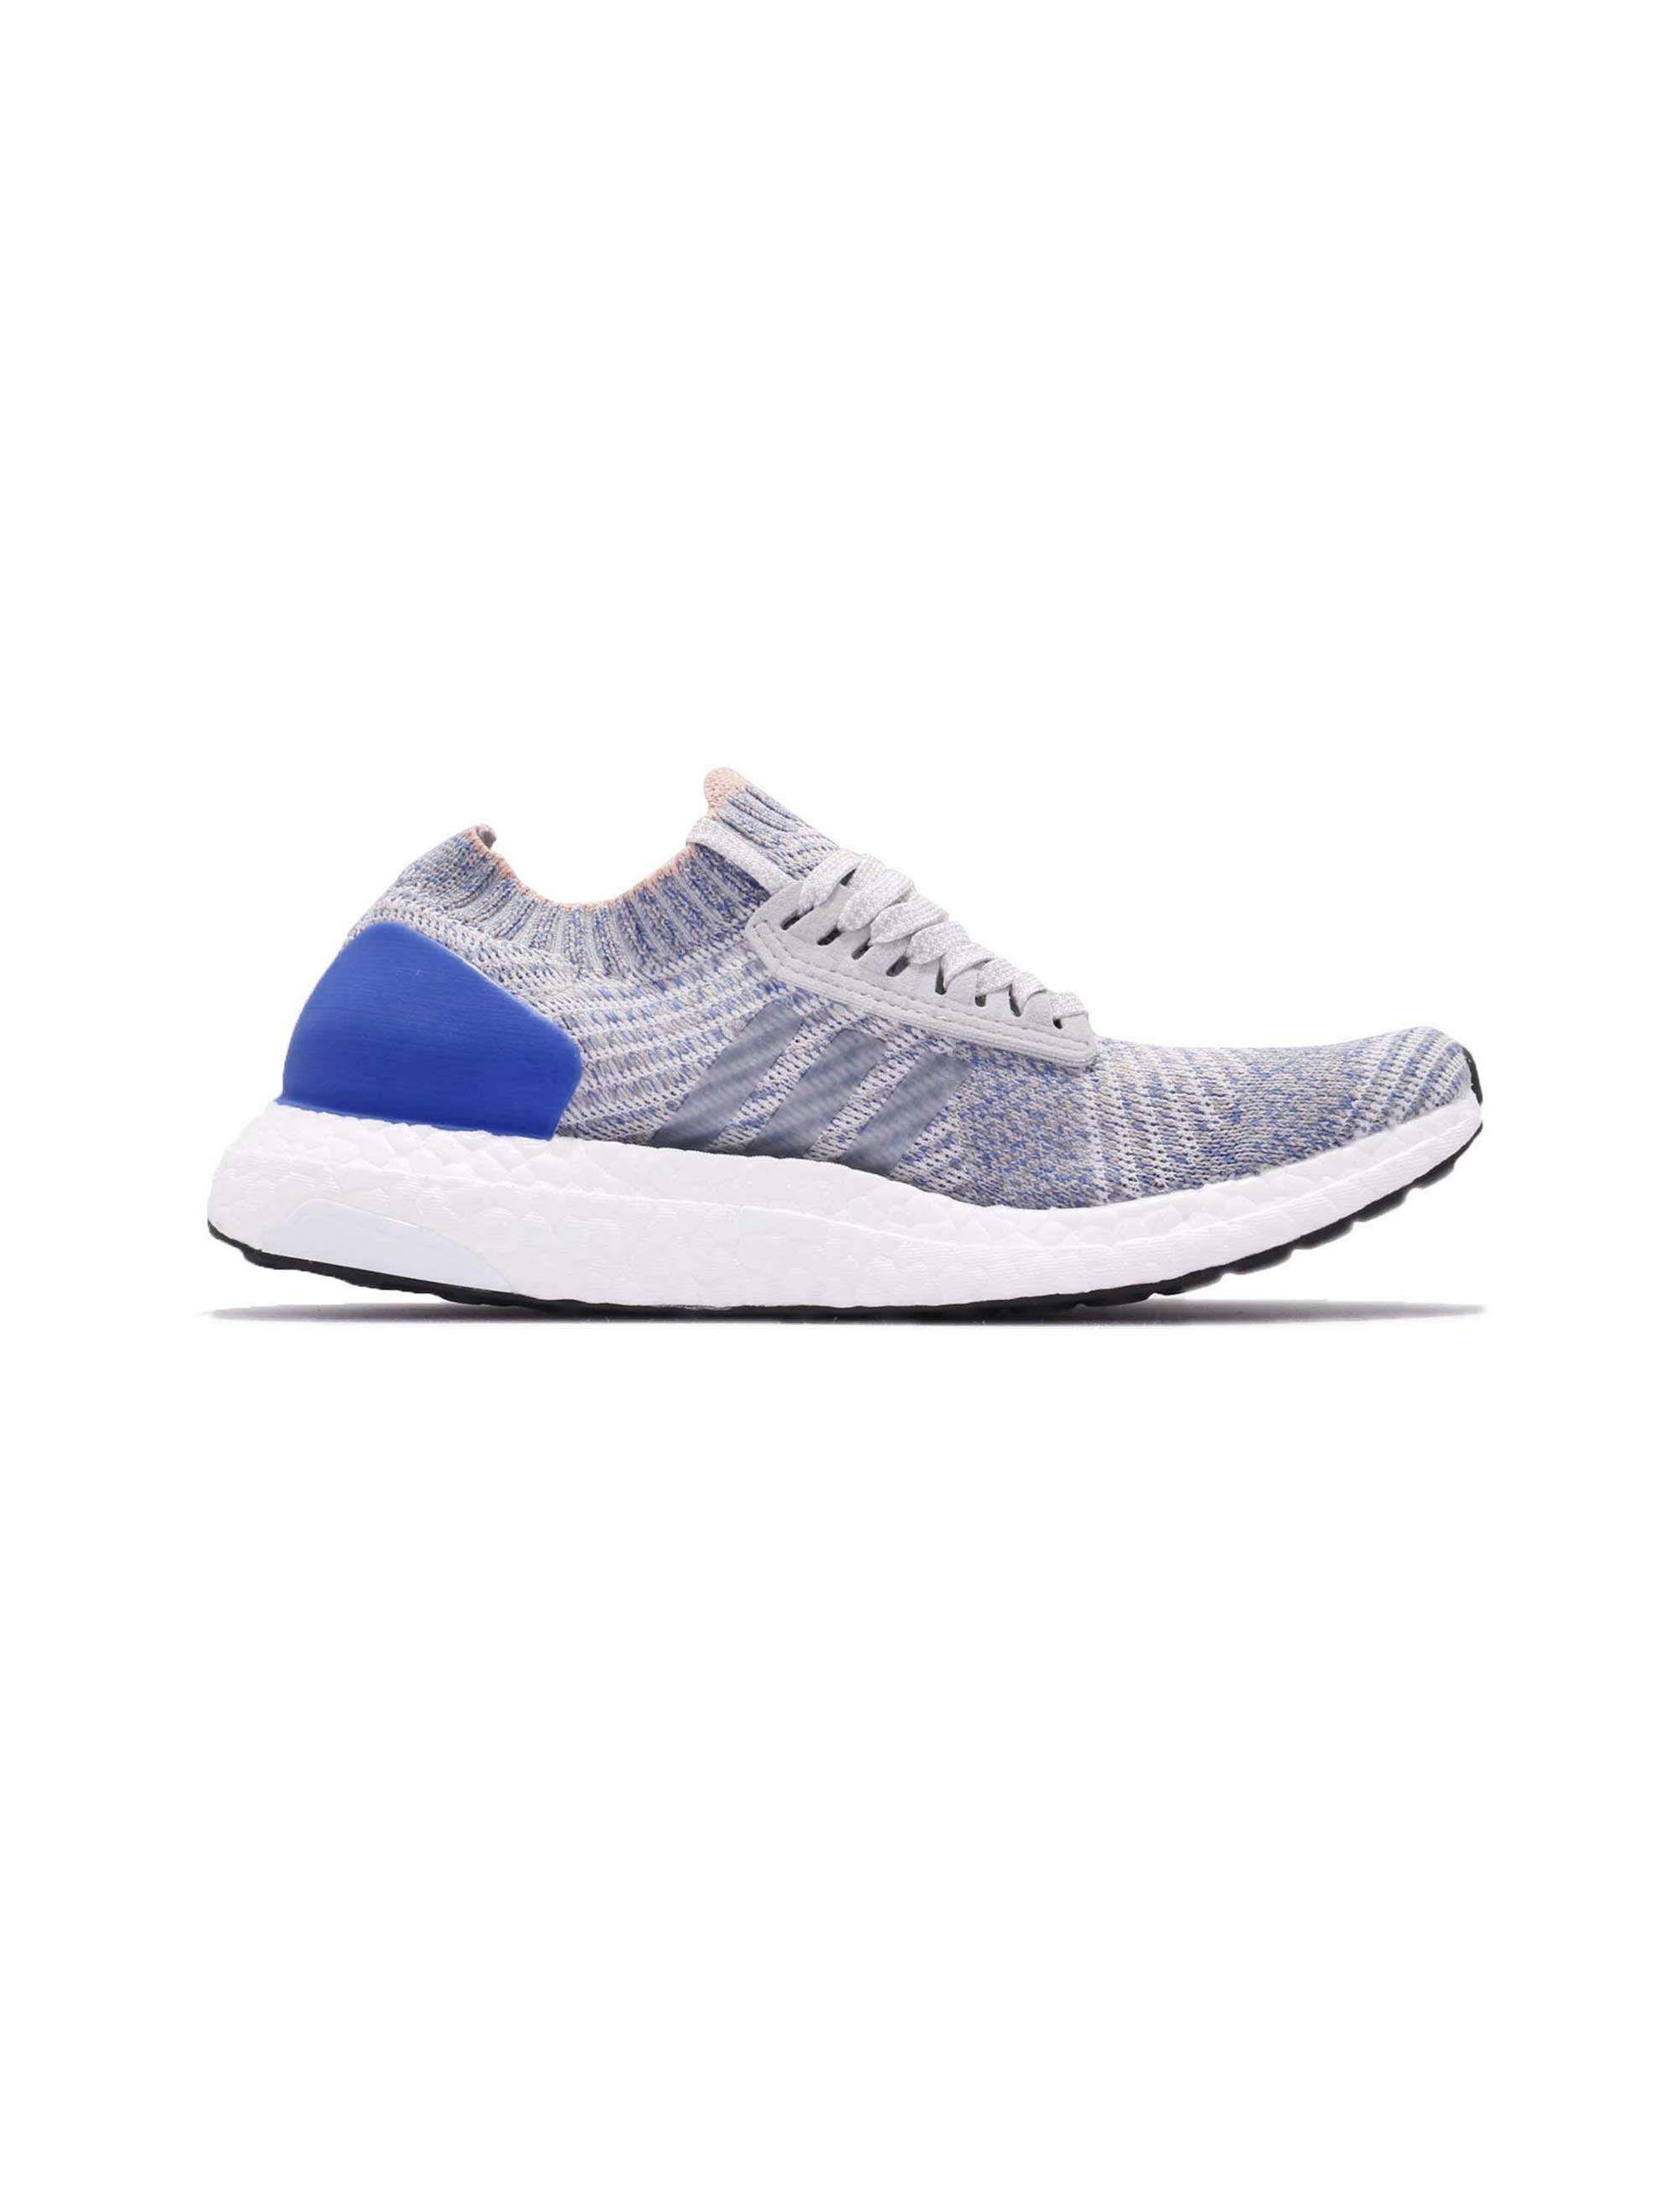 خرید کفش مخصوص دویدن زنانه آدیداس مدل Ultra Boost X